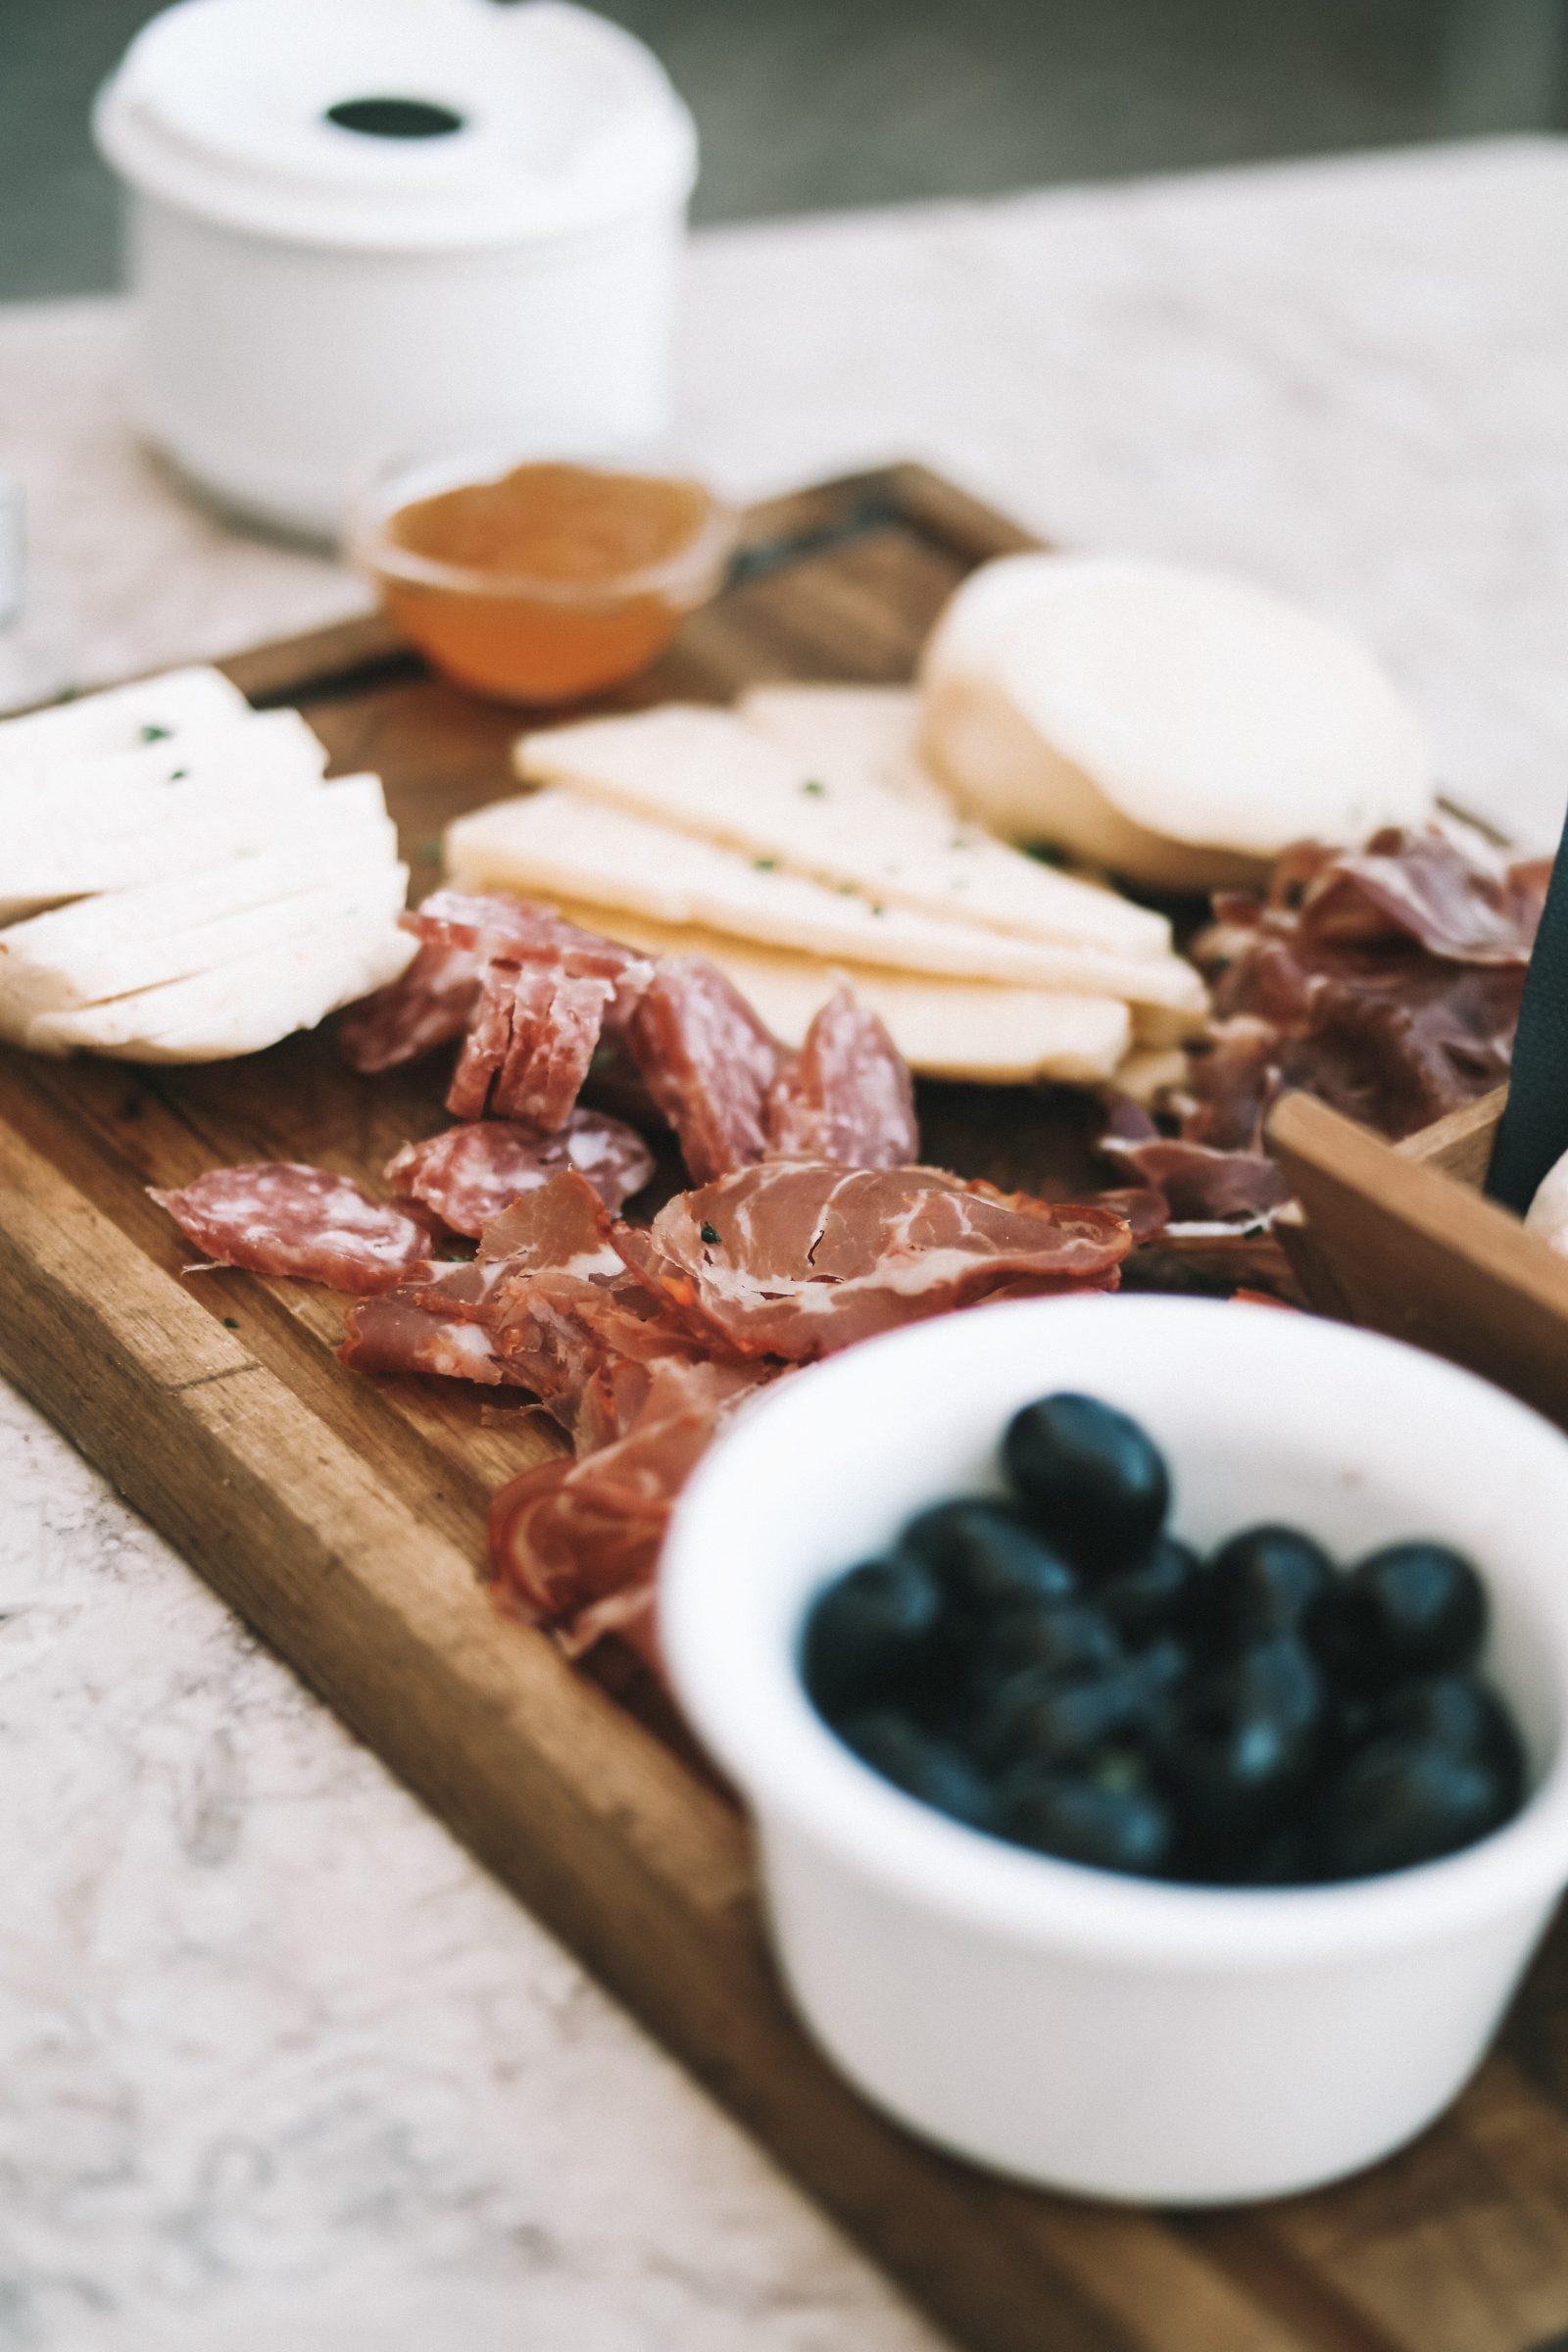 LISBON FOOD GUIDE - MEAT PLATTER